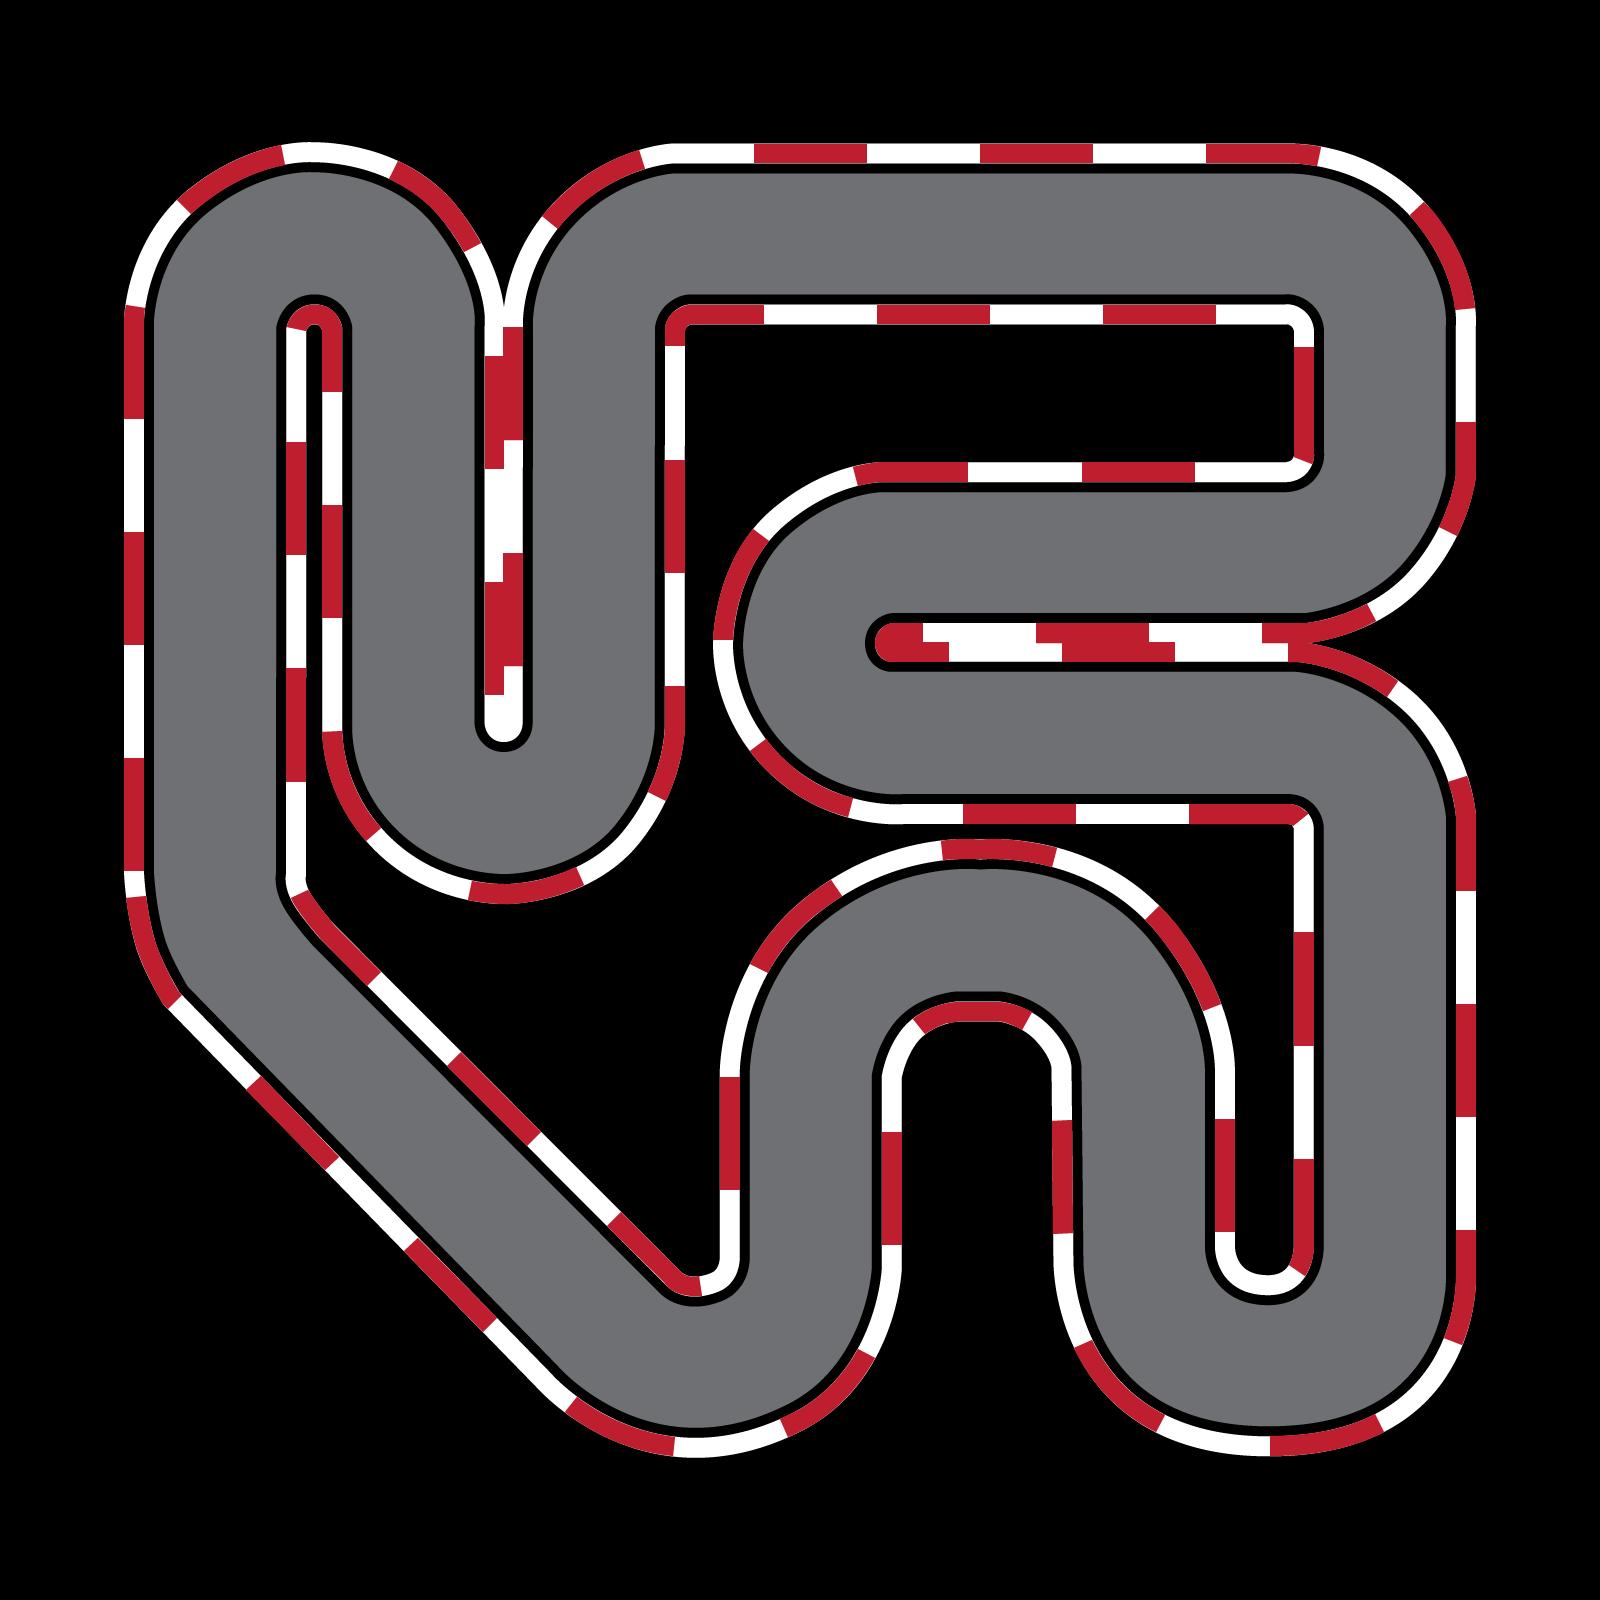 svg transparent download Nascar clipart race nascar track. Indoor go kart racing.